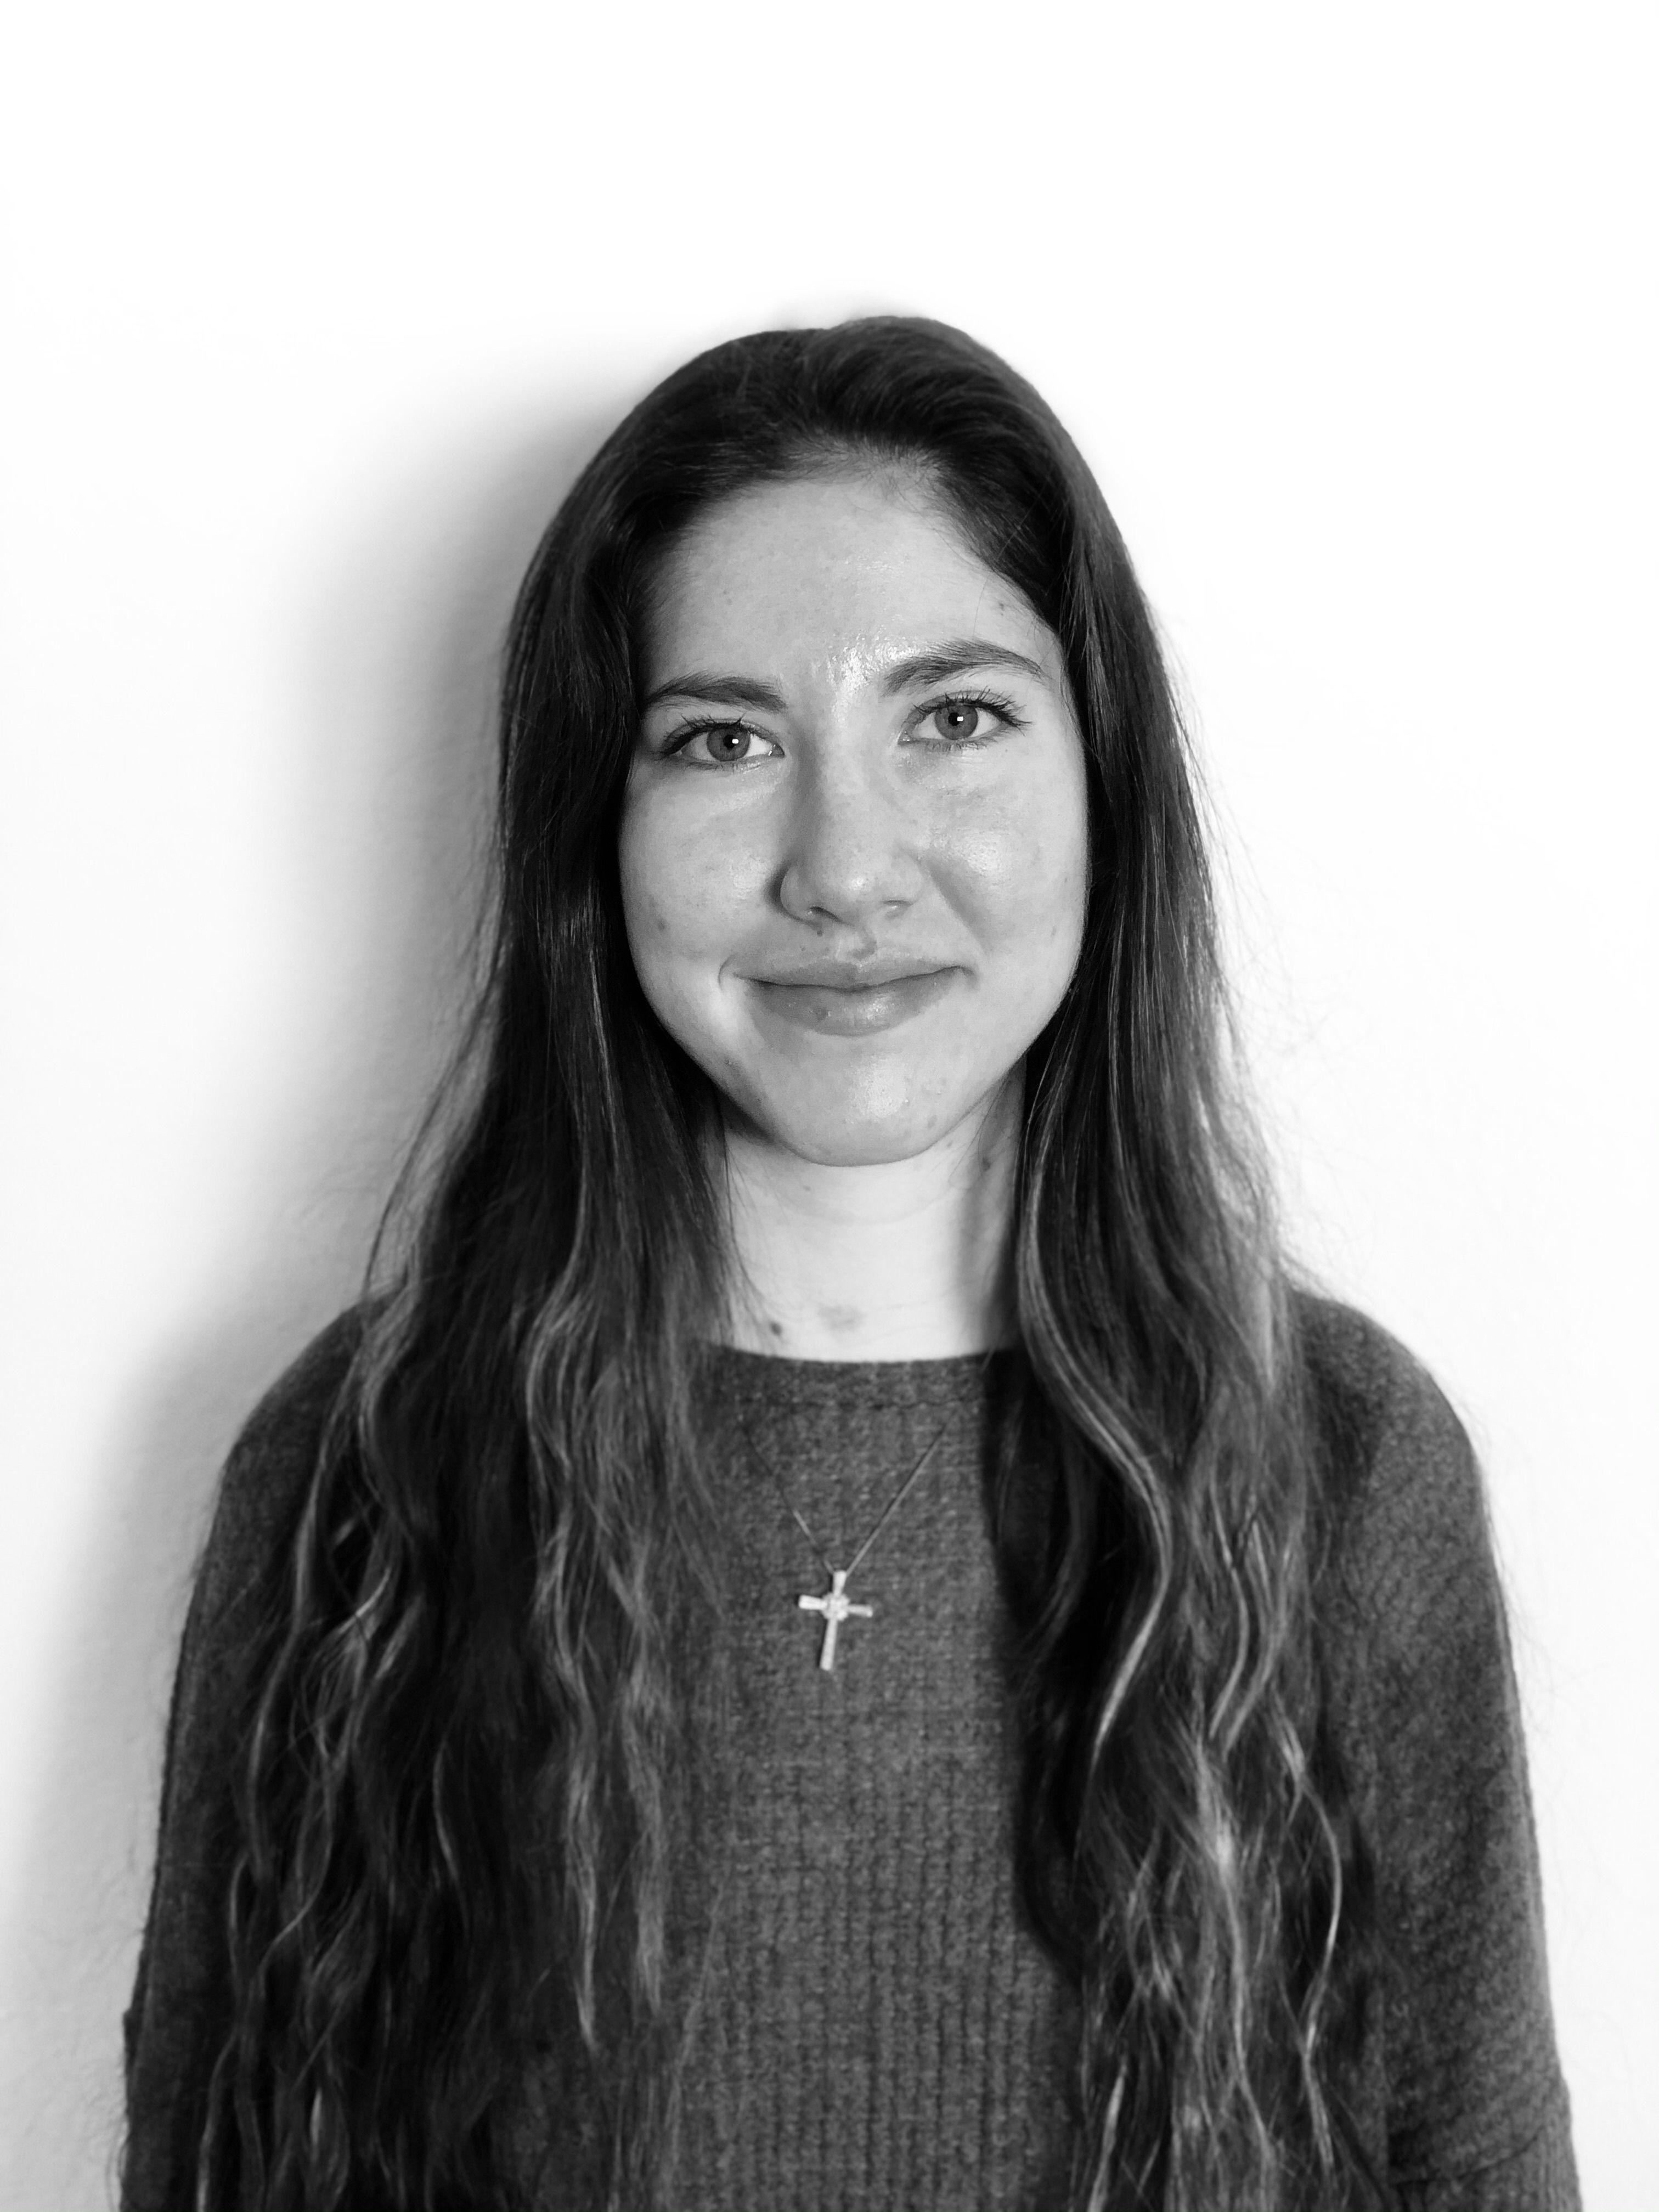 Melonie Martinez